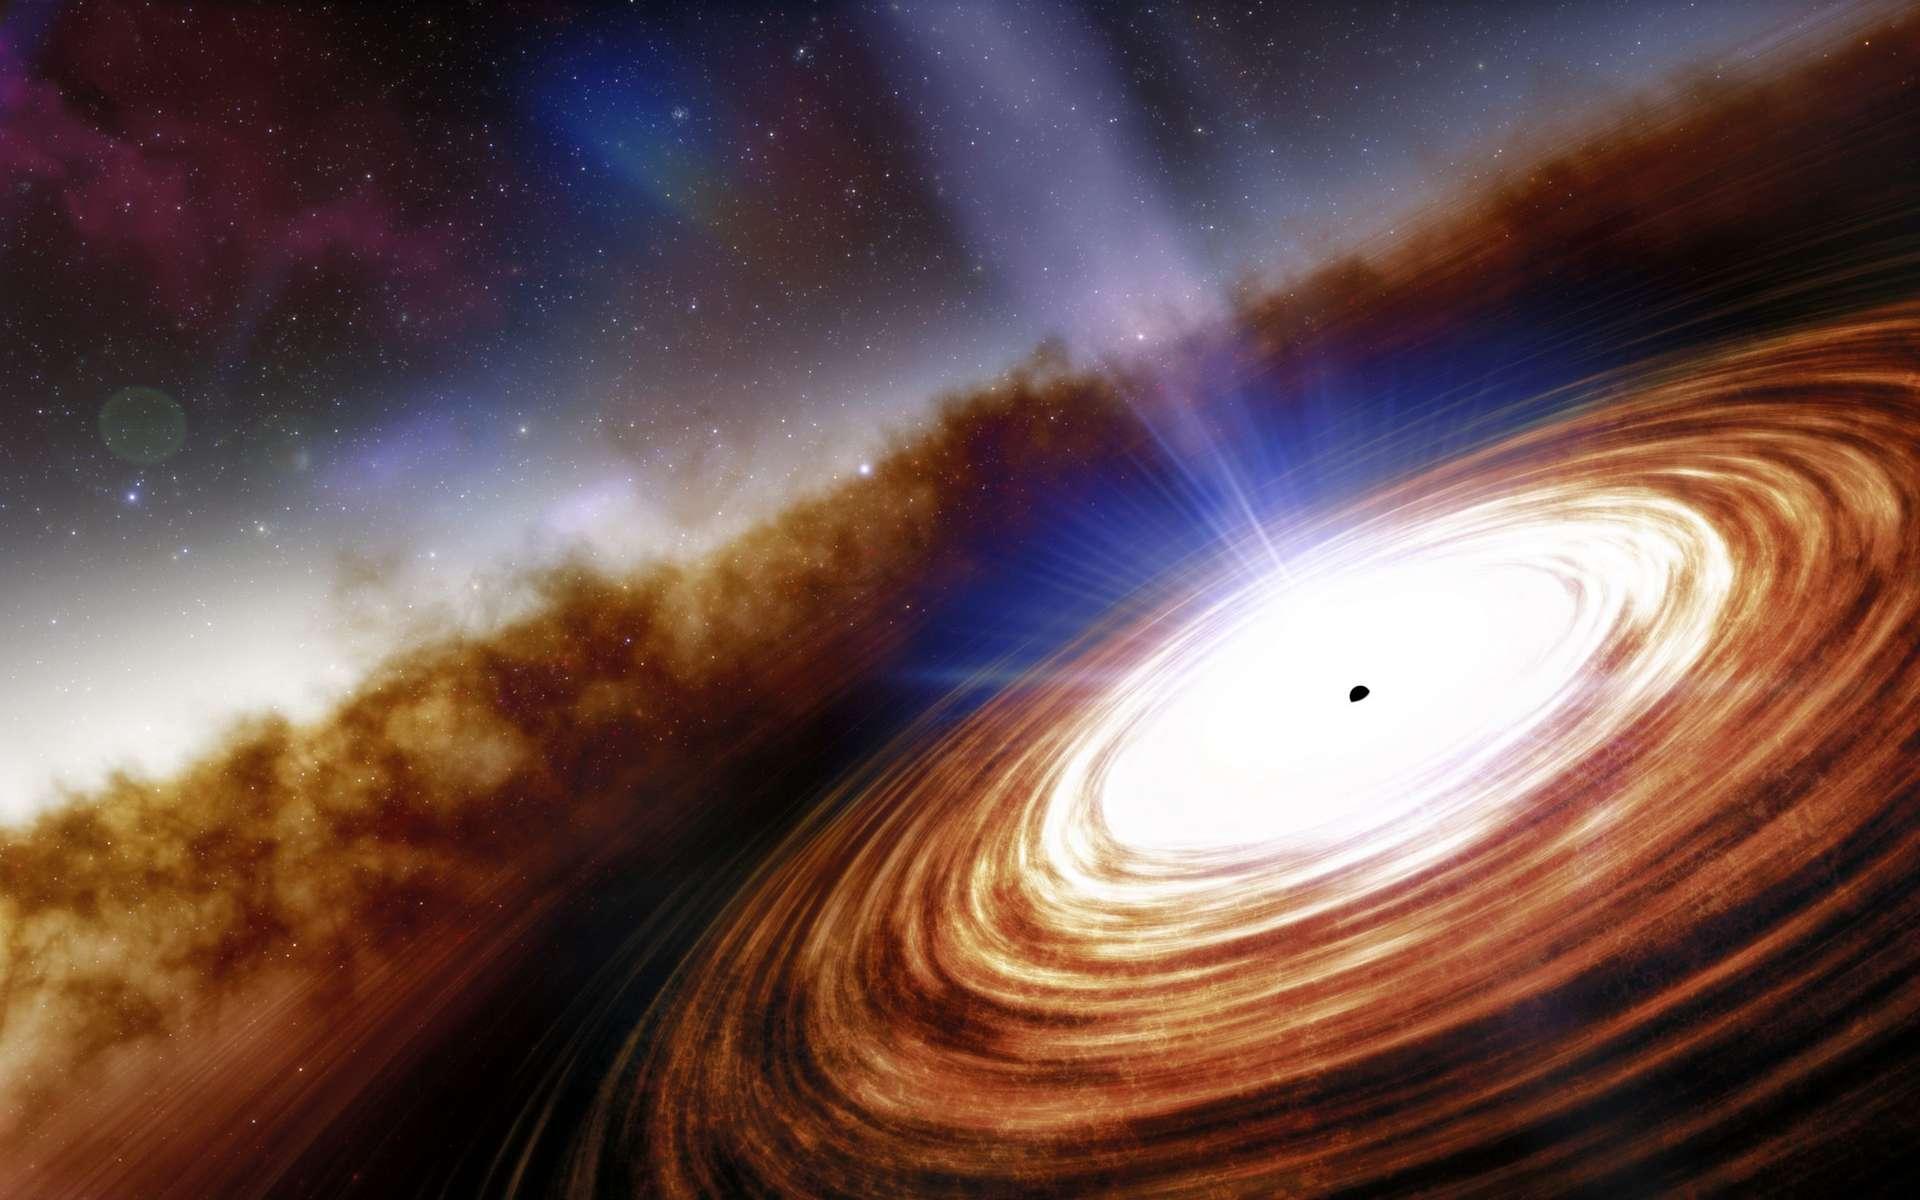 Image d'artiste du quasar J0313–1806, vu comme il n'était que 670 millions d'années après le Big Bang. © NOIRLab, NSF, AURA, J. da Silva